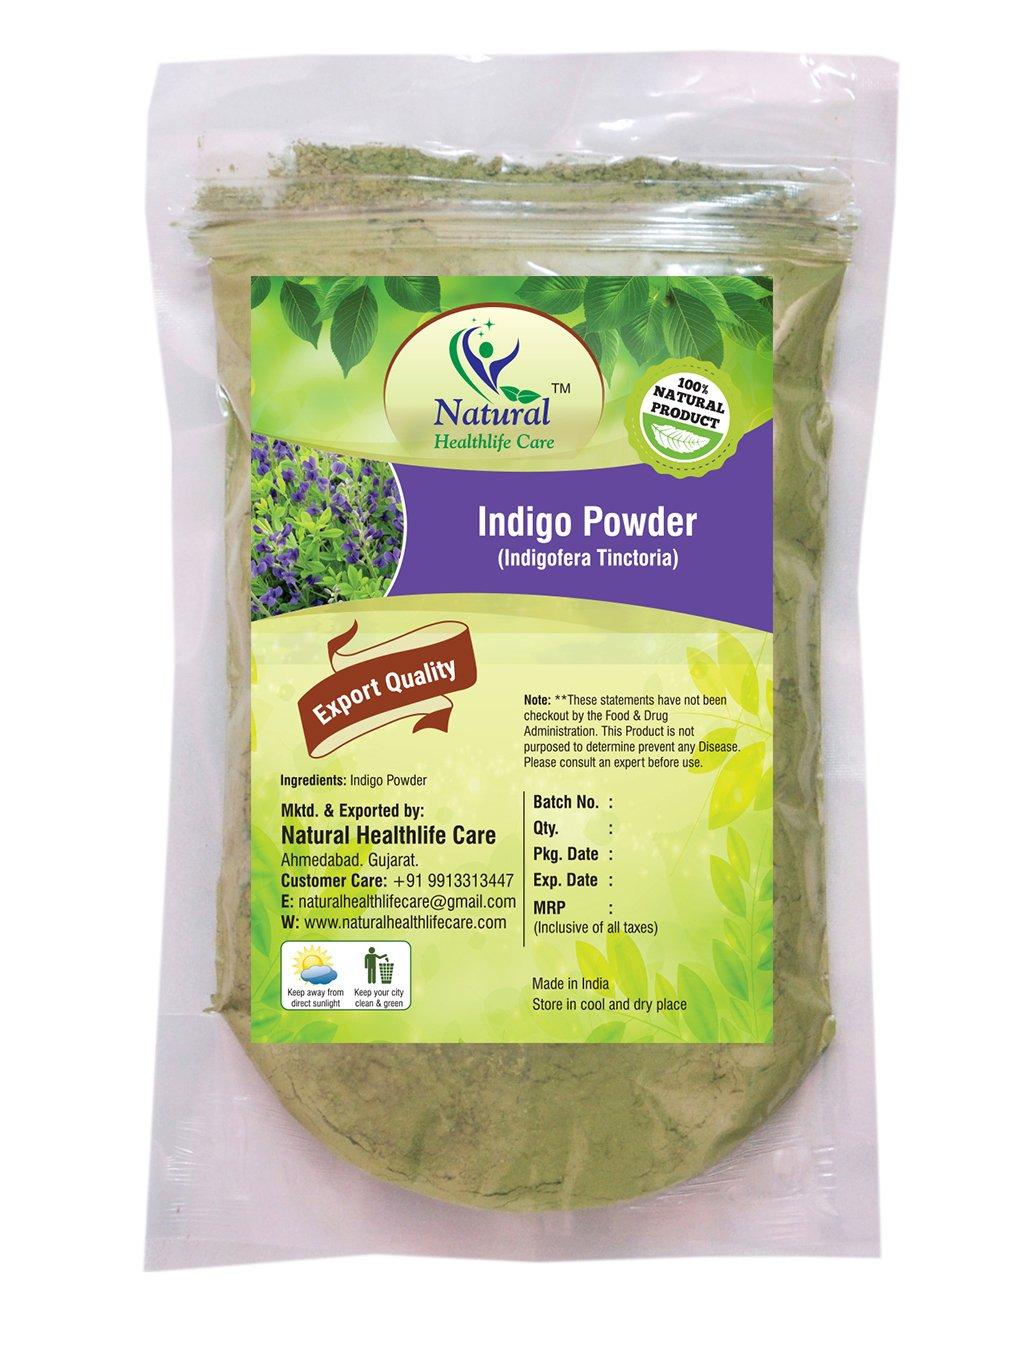 Natural Healthlife Care 100% Natural Indigo Powder (Indigofera Tinctoria) (227g/(1/2 lb)/8 ounces)